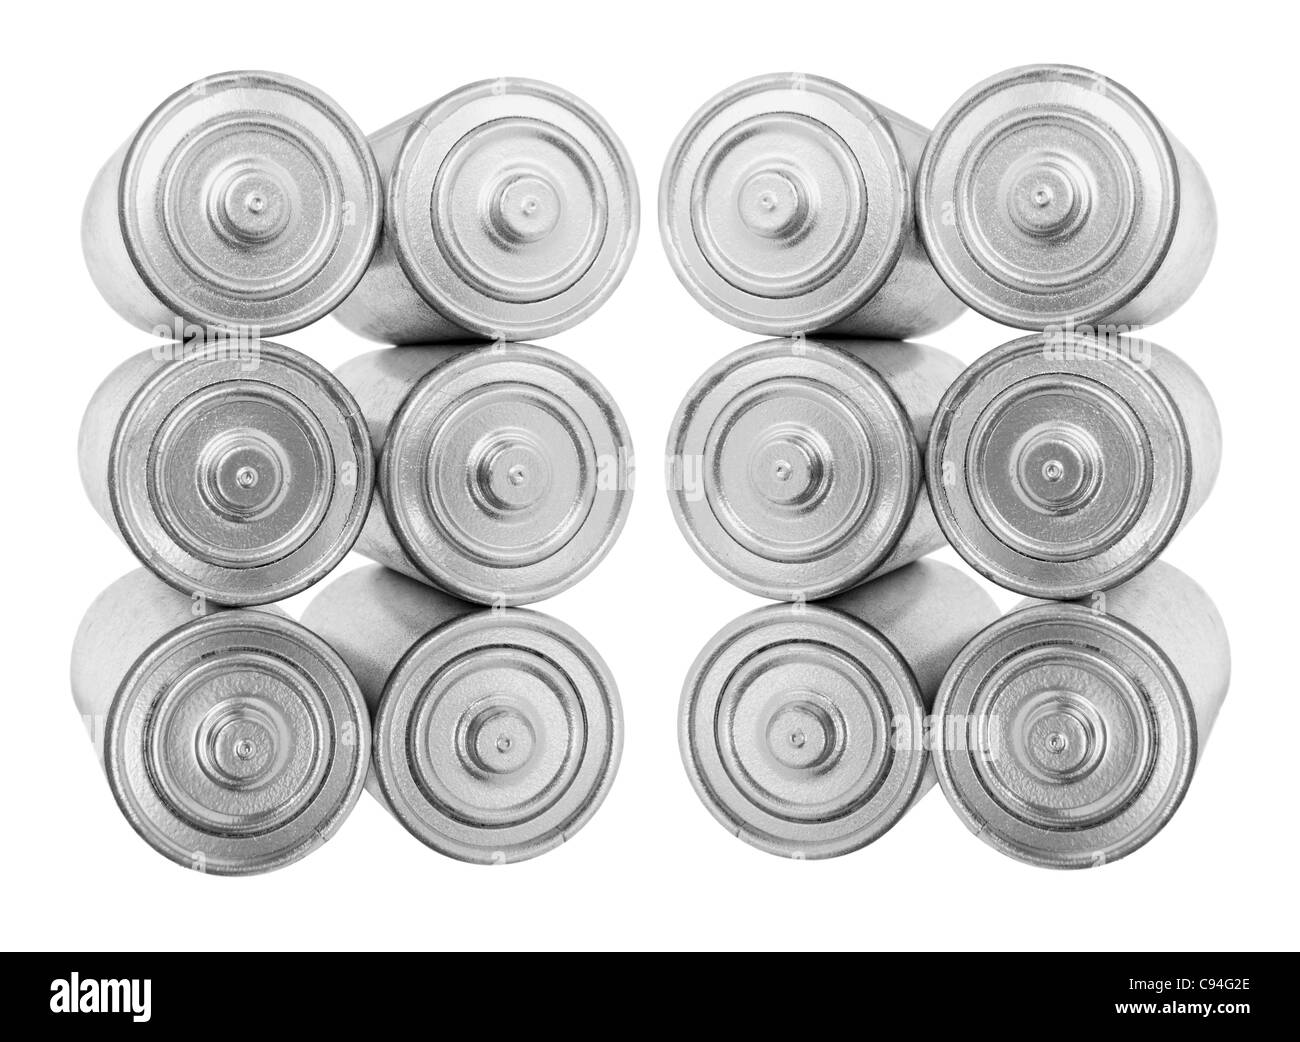 Paquetes de baterías Imagen De Stock